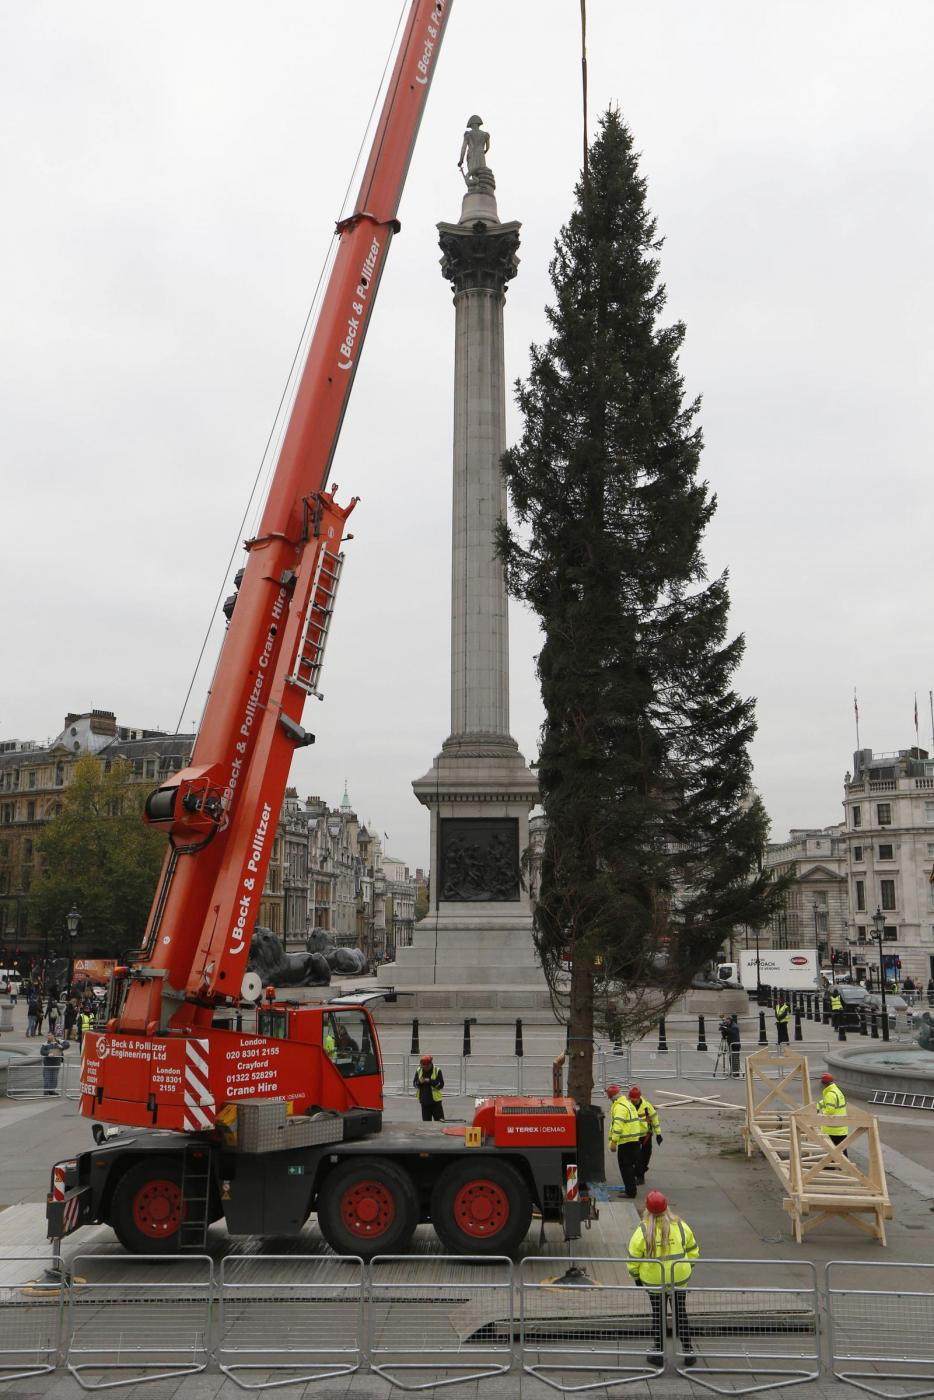 Londra, l'albero di Natale di Trafalgar Square04